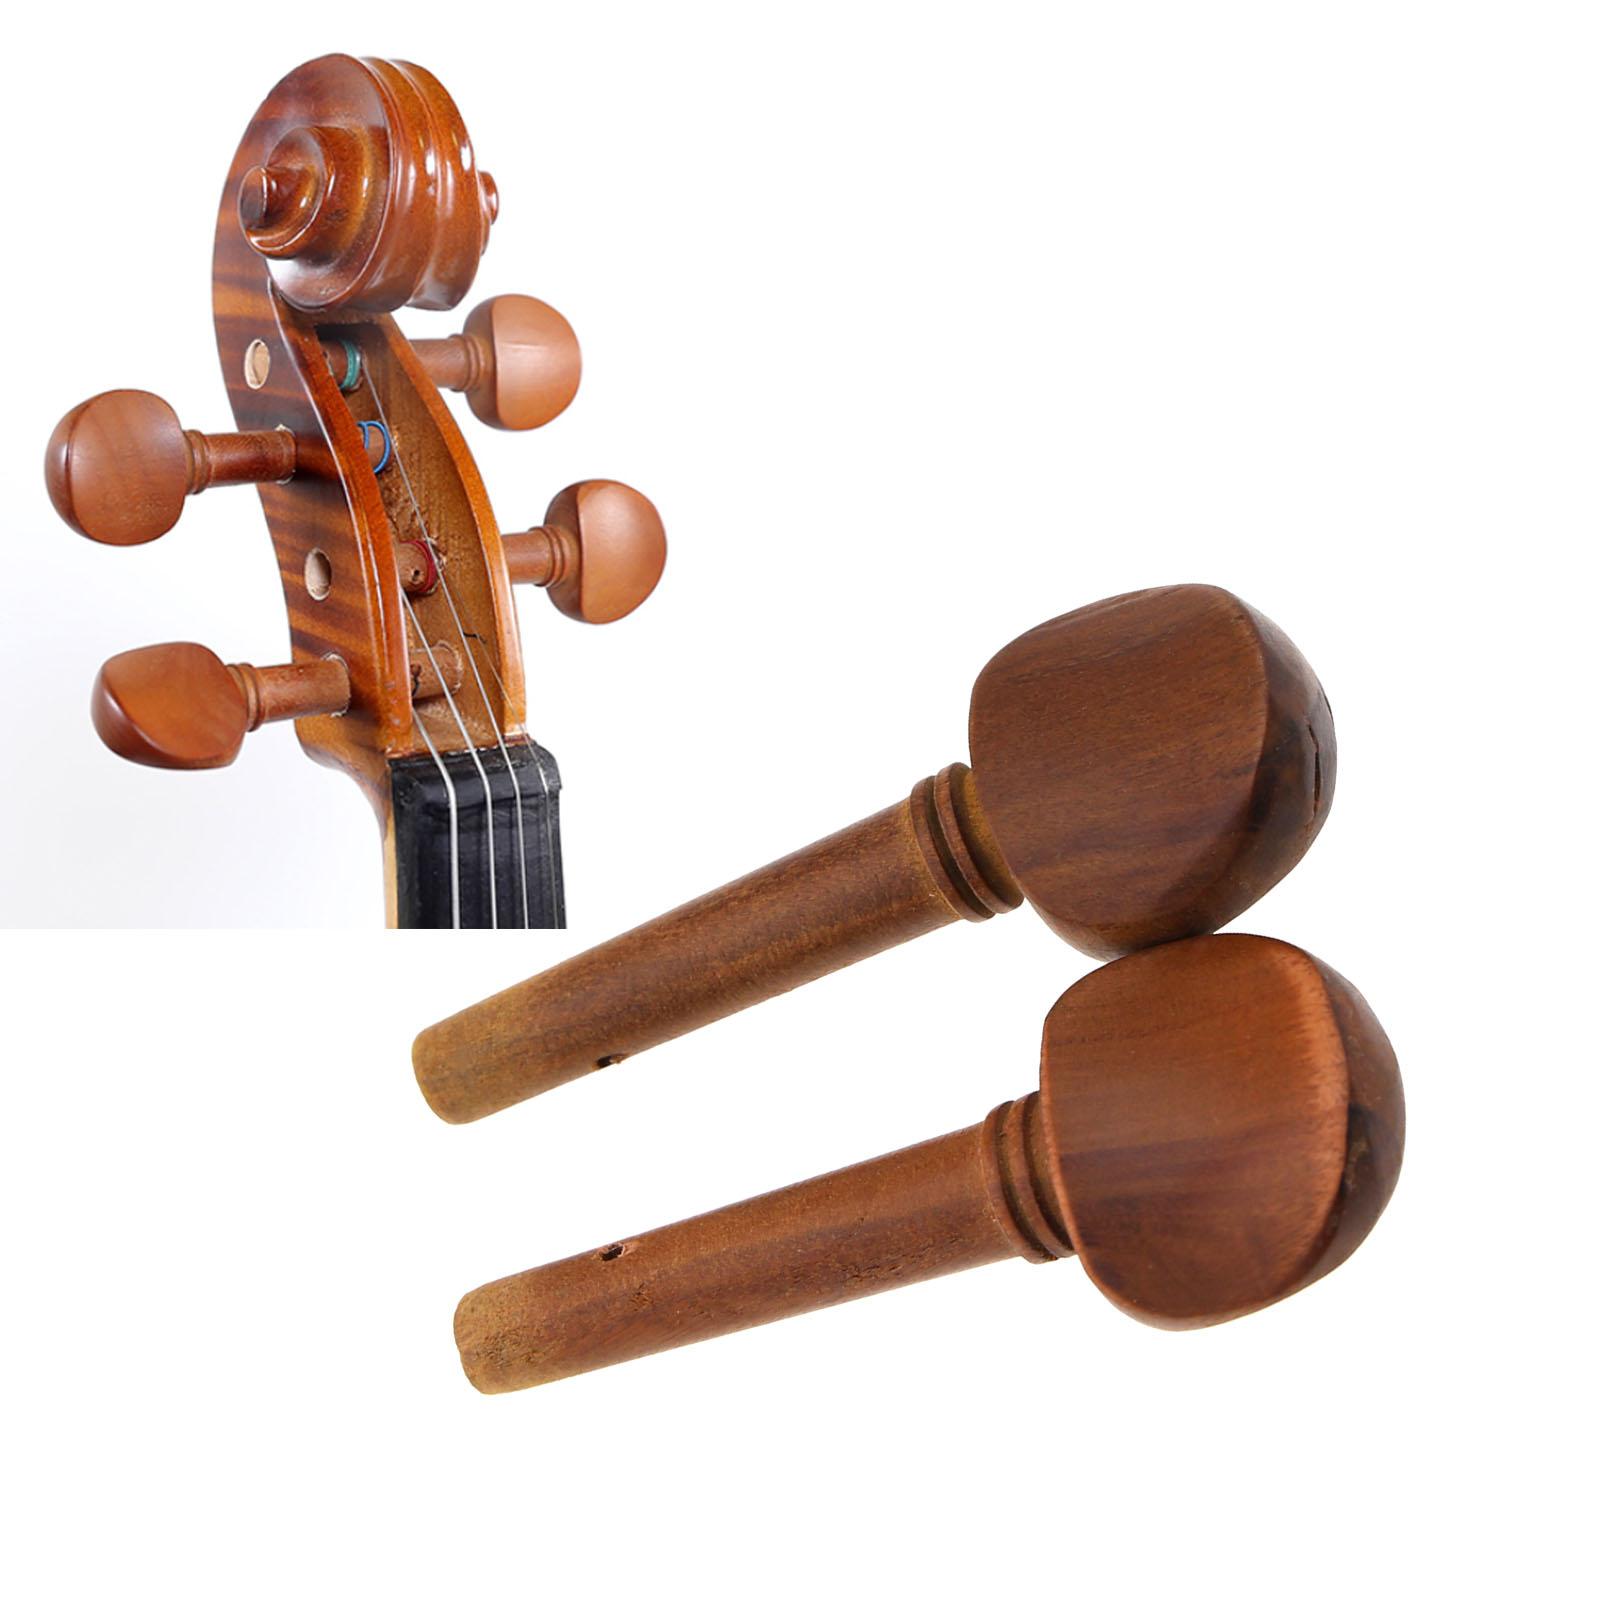 Wirbel für Violine aus Buchsbaum Herzform B521 hb